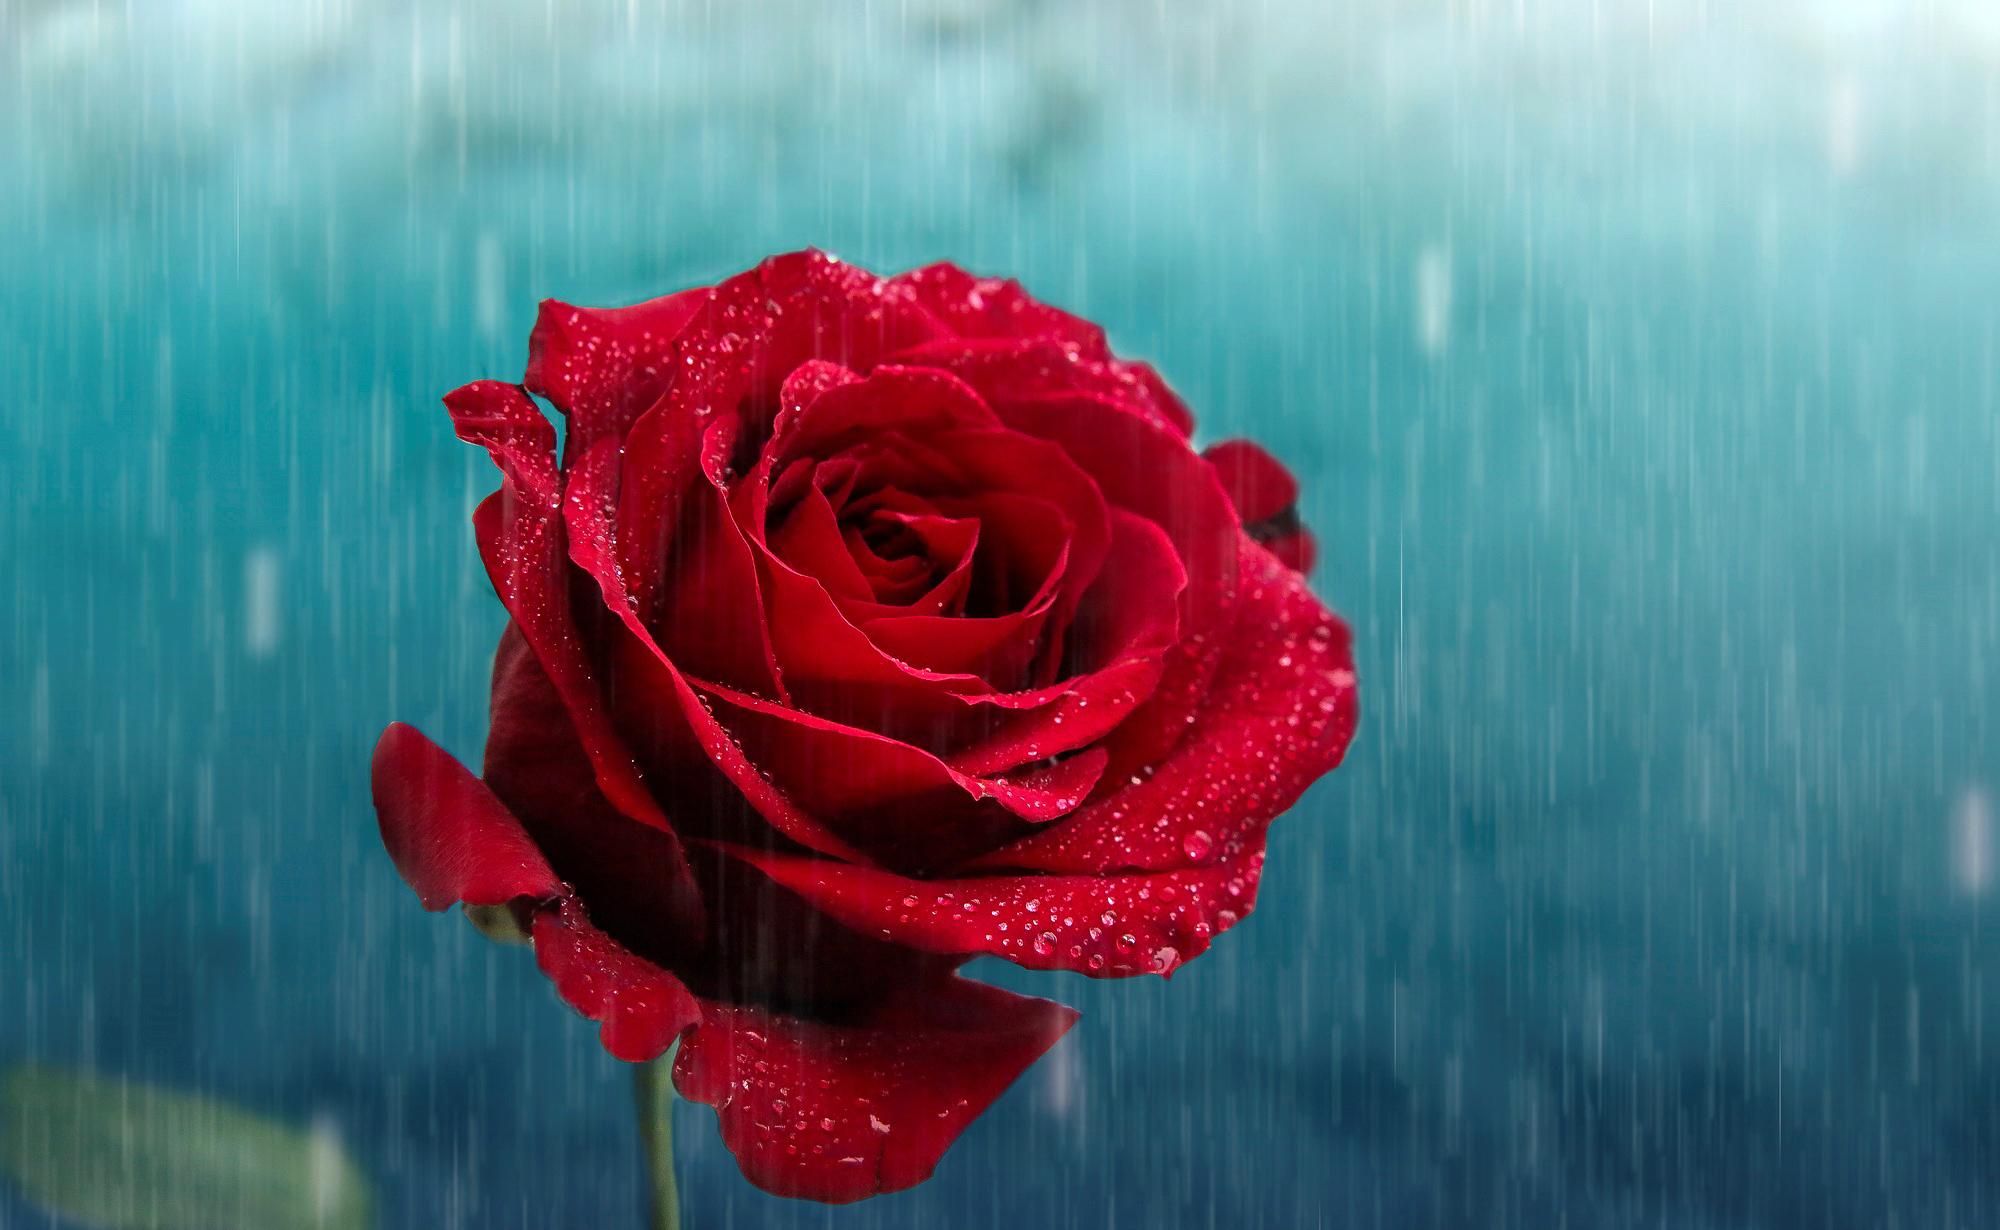 роза с каплями  № 3828925 без смс